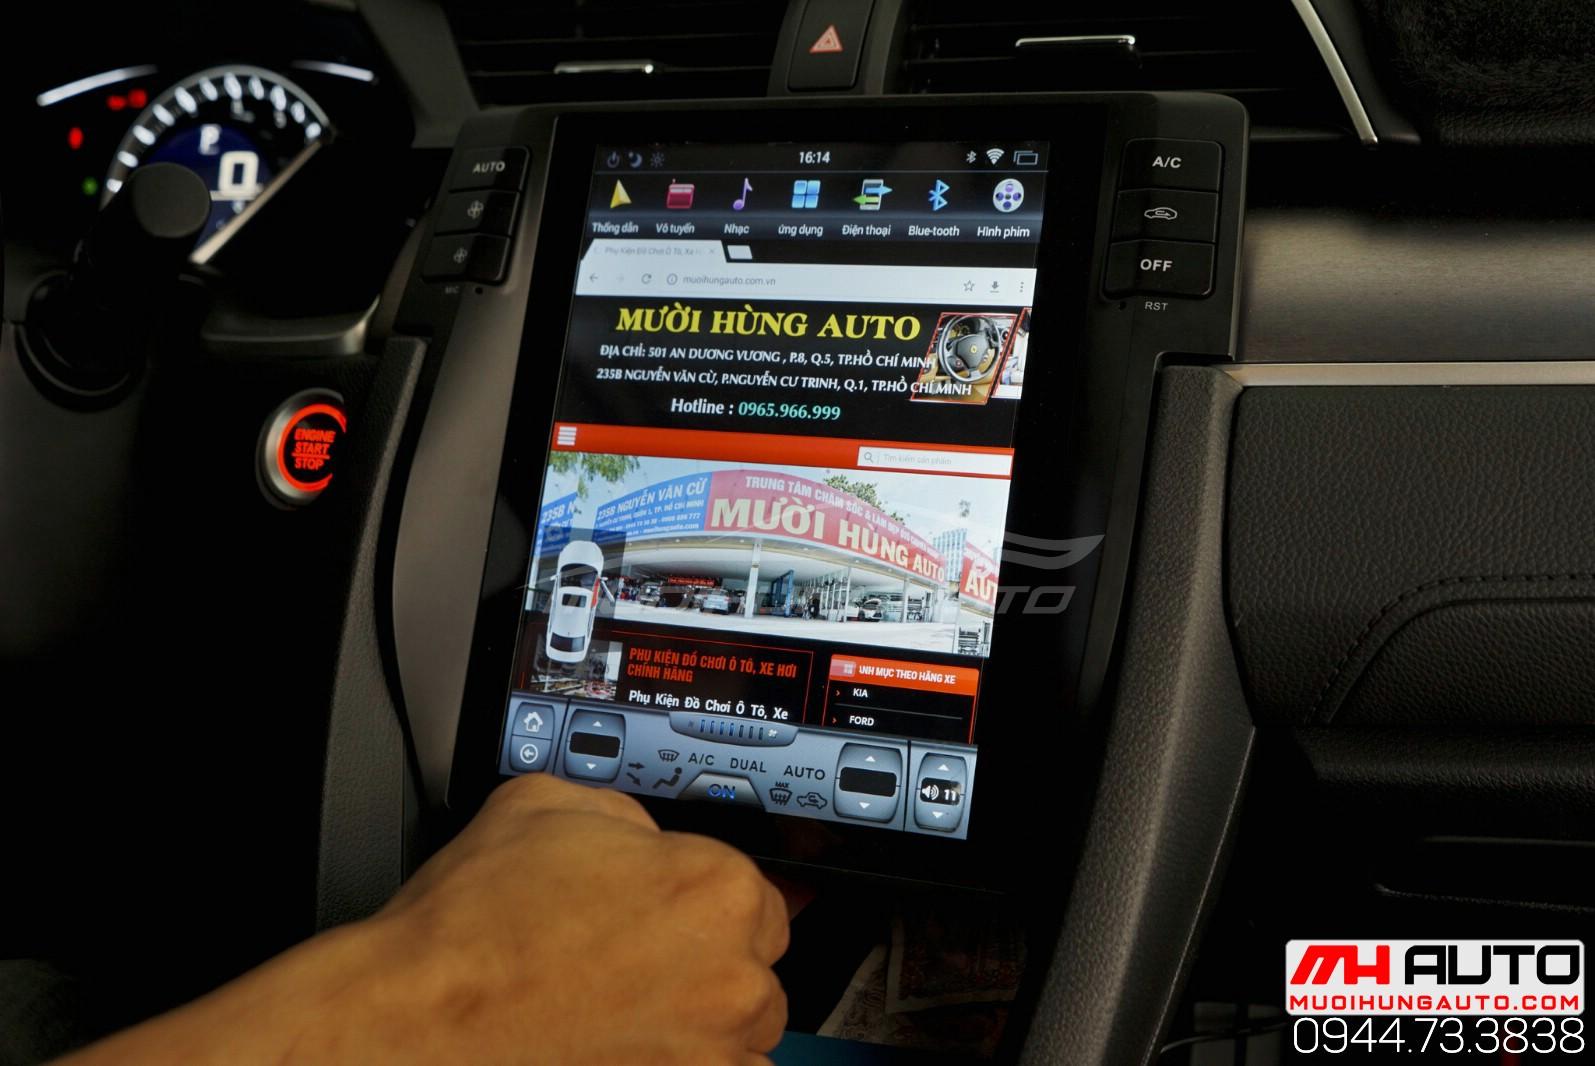 Lắp màn hình Honda Civic Androi kiểu tesla 2018